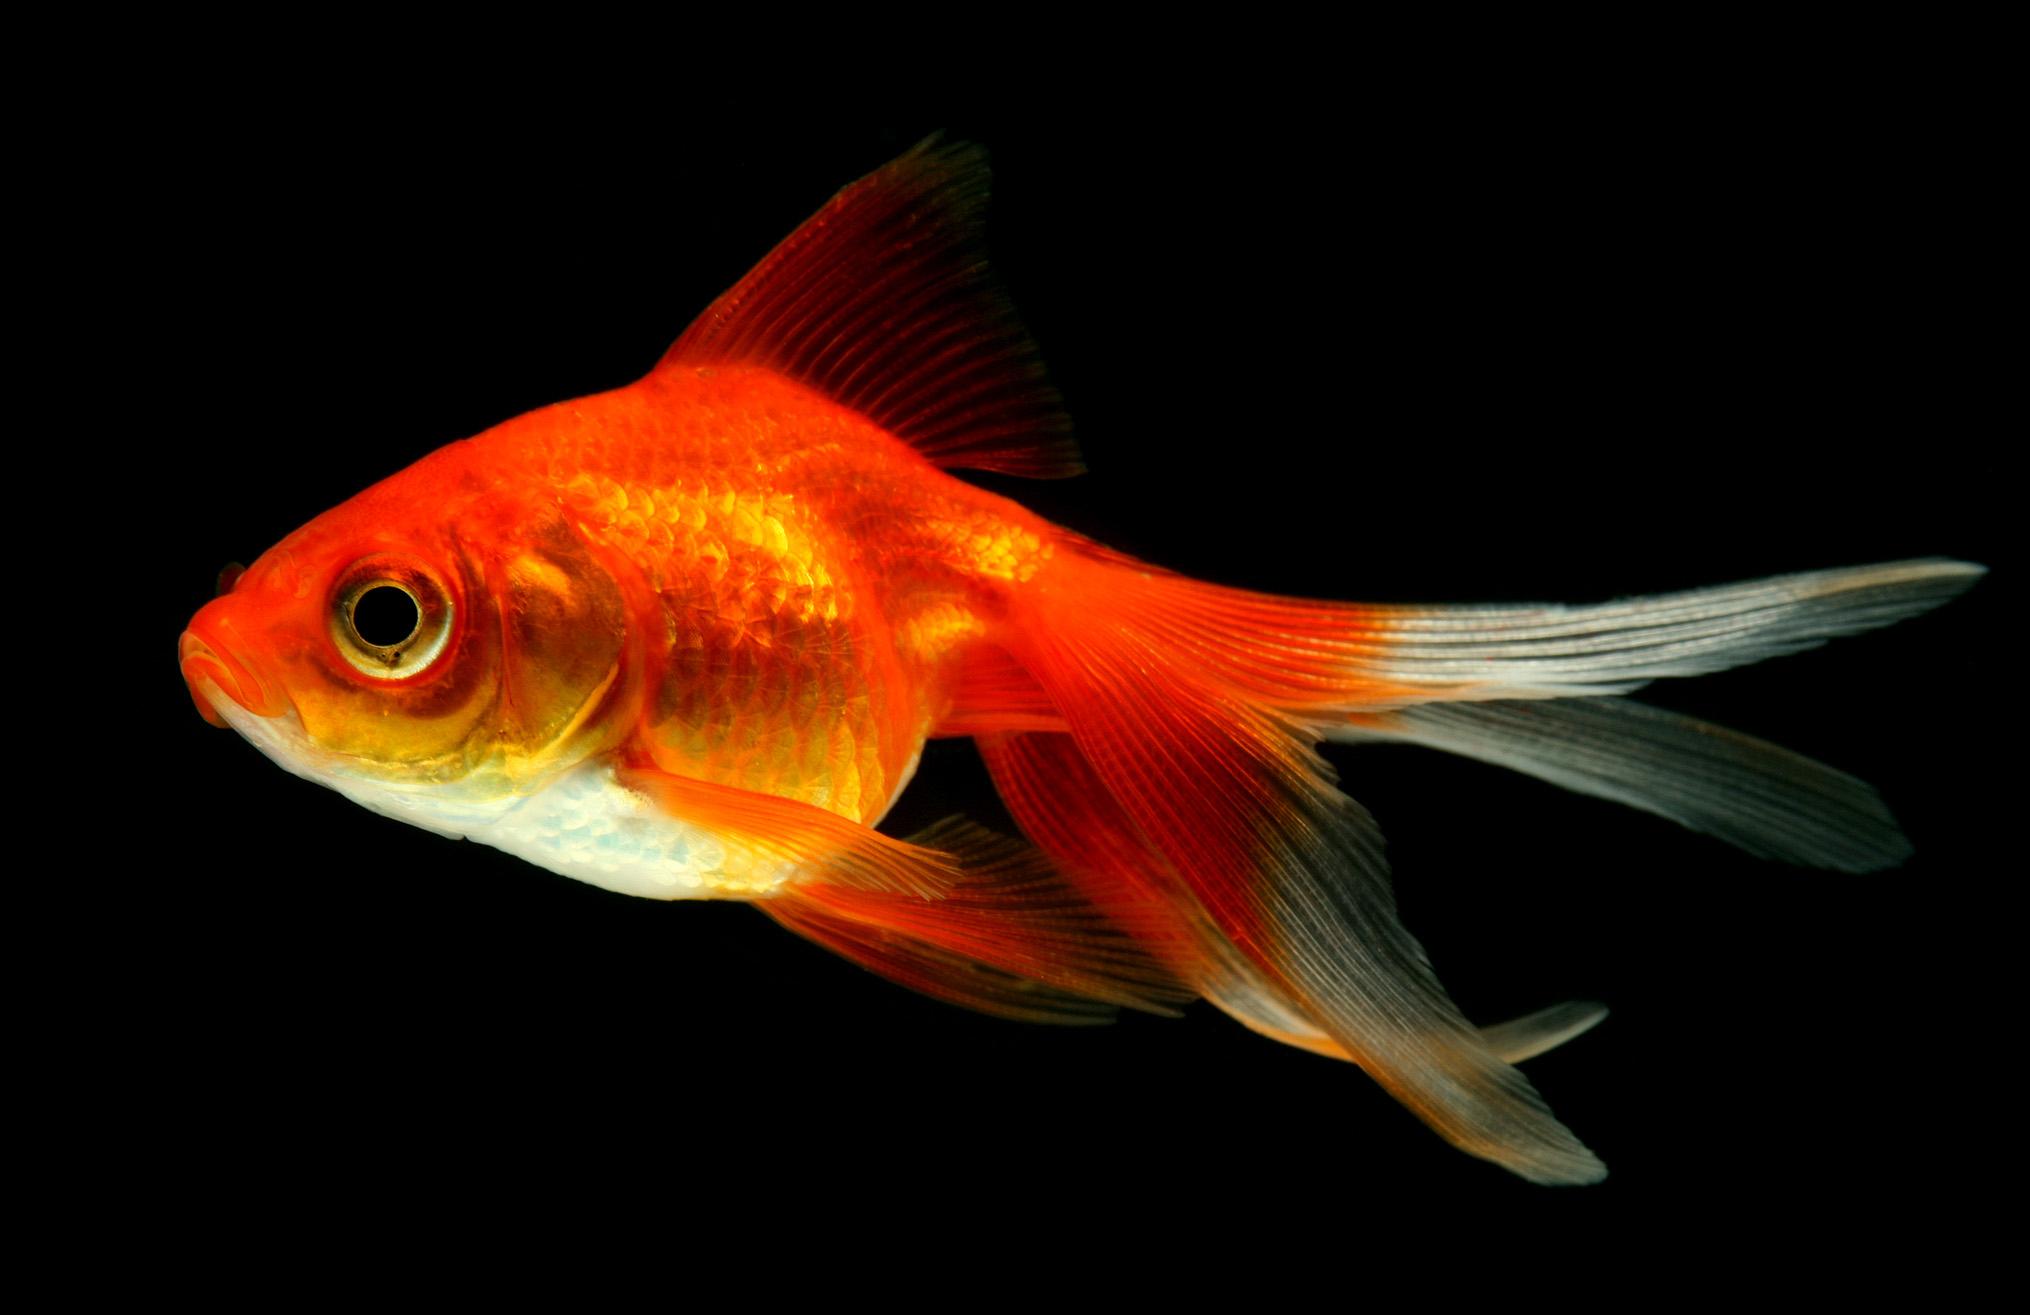 Goldfish - For Birds Only - January 17, 2018.jpg